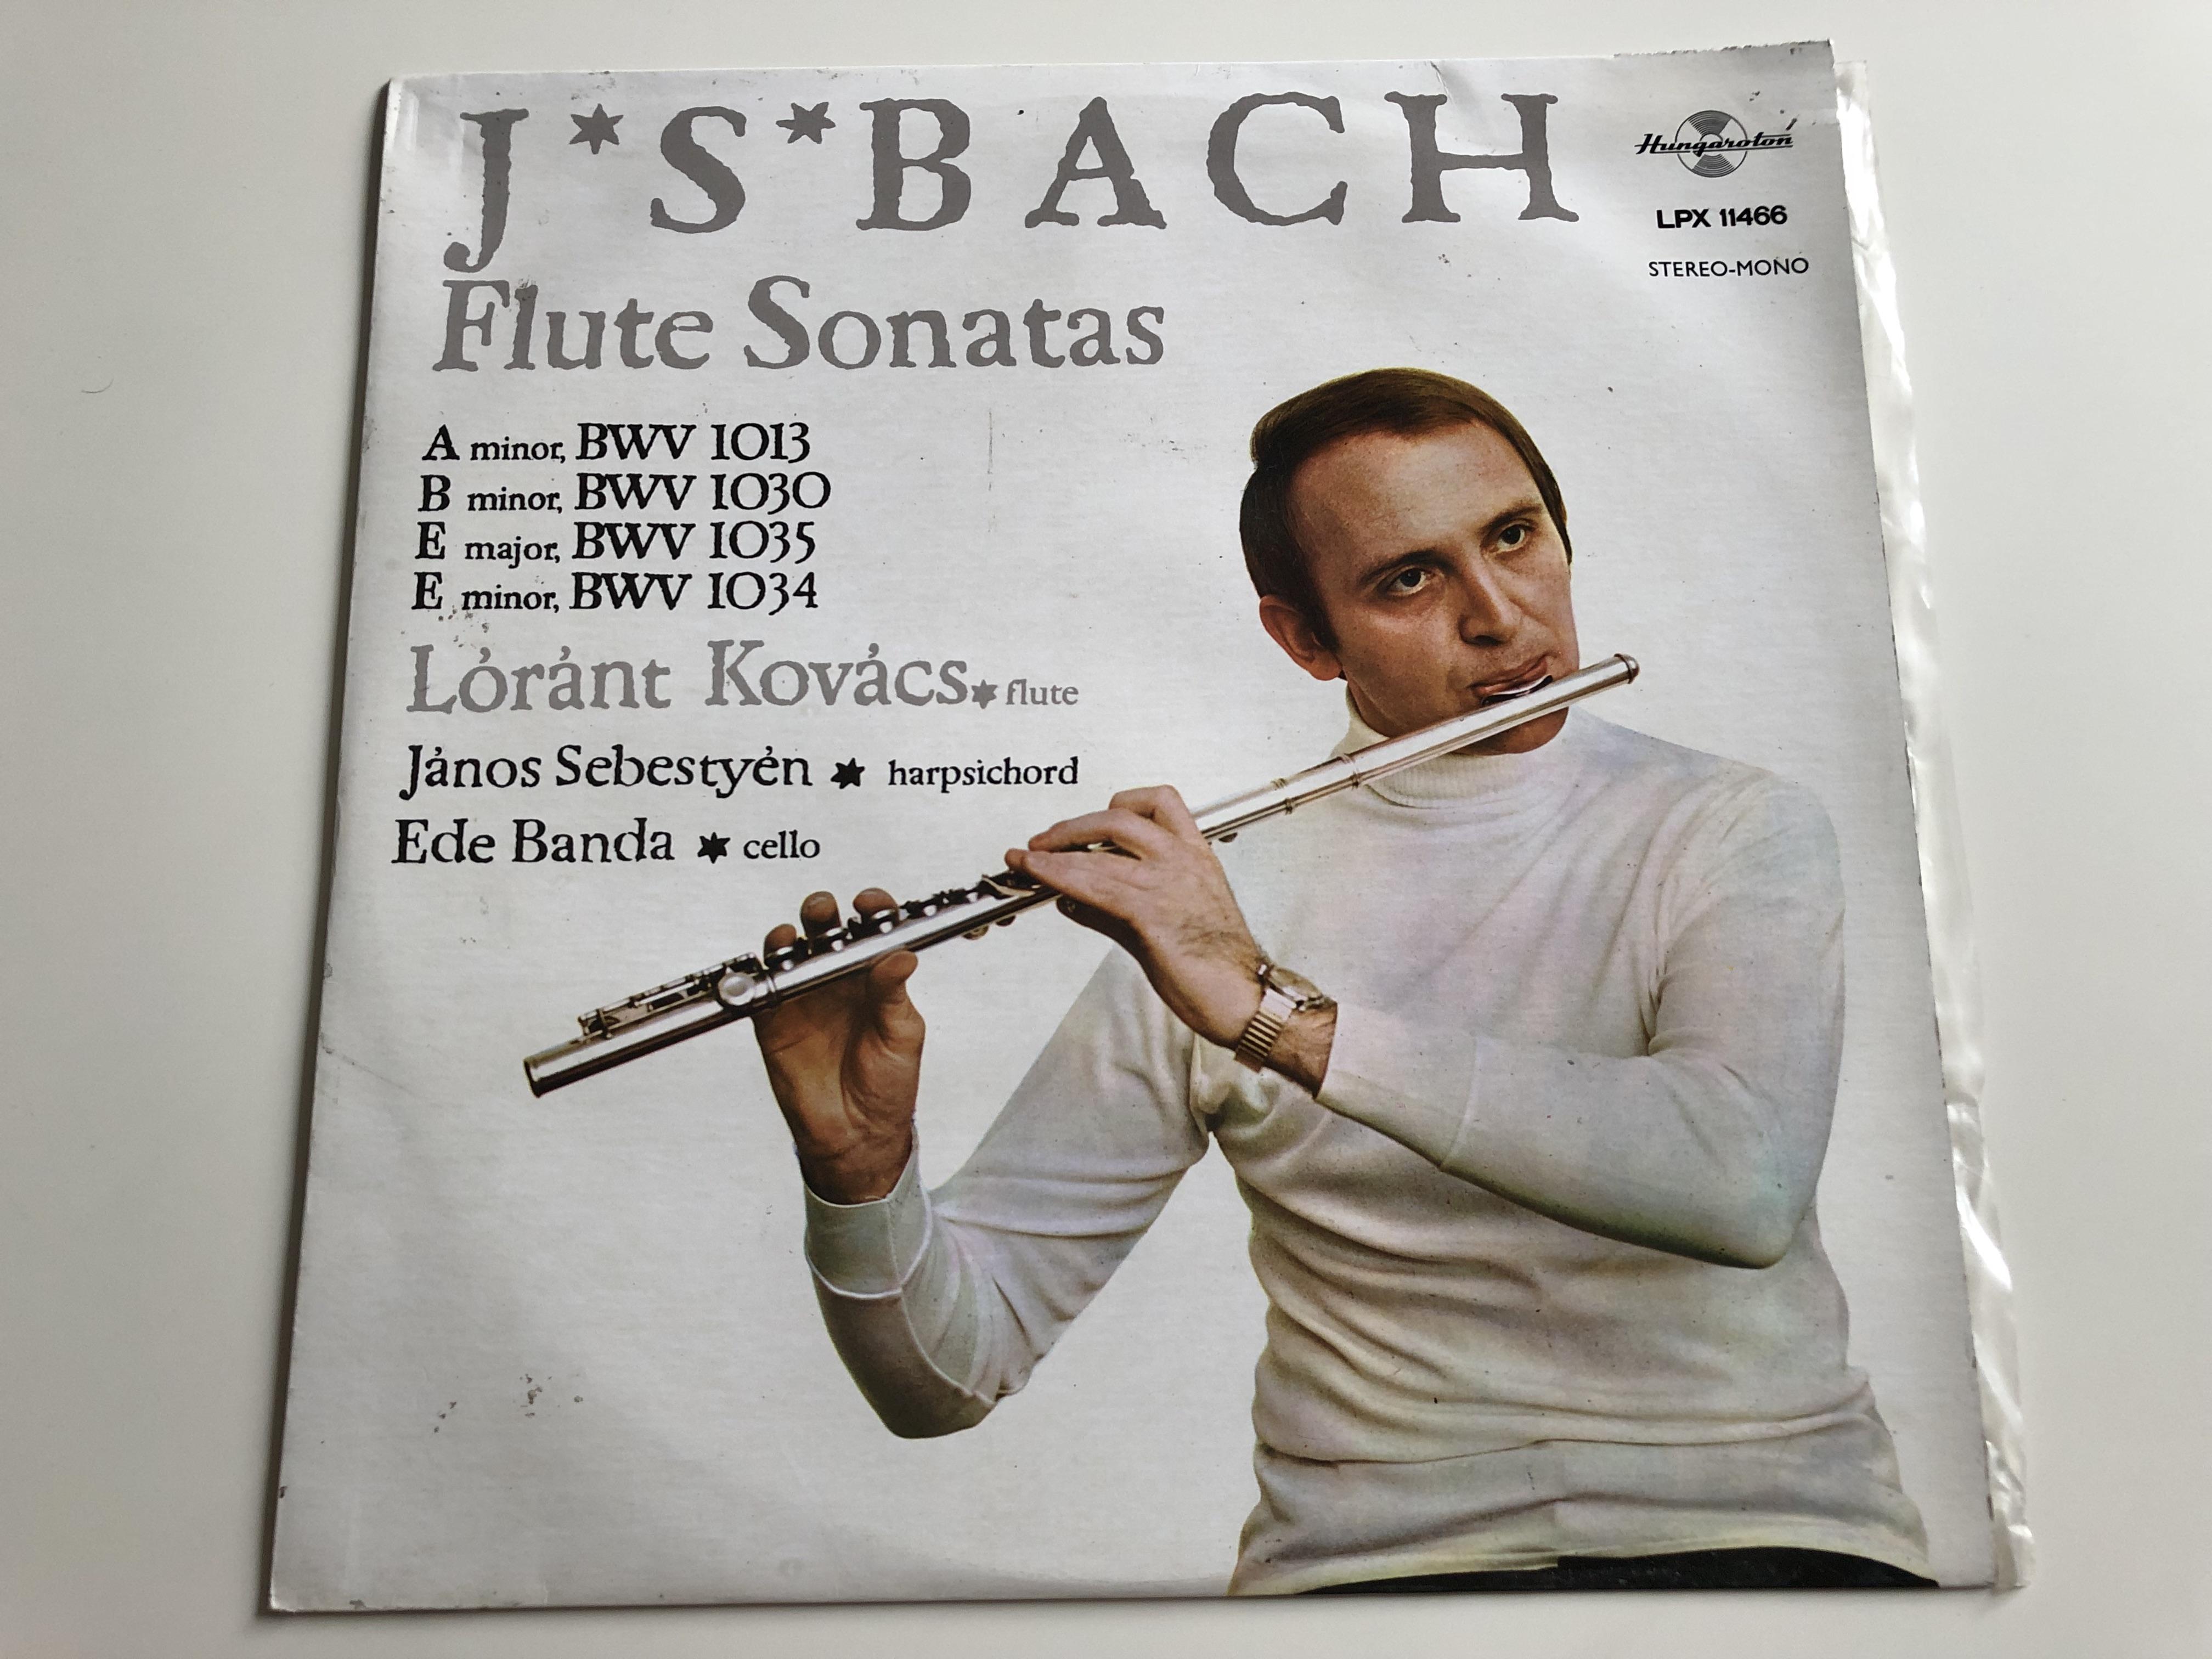 j.s.-bach-flute-sonatas-l-r-nt-kov-cs-j-nos-sebesty-n-ede-banda-hungaroton-lp-stereo-mono-lpx-11466-1-.jpg